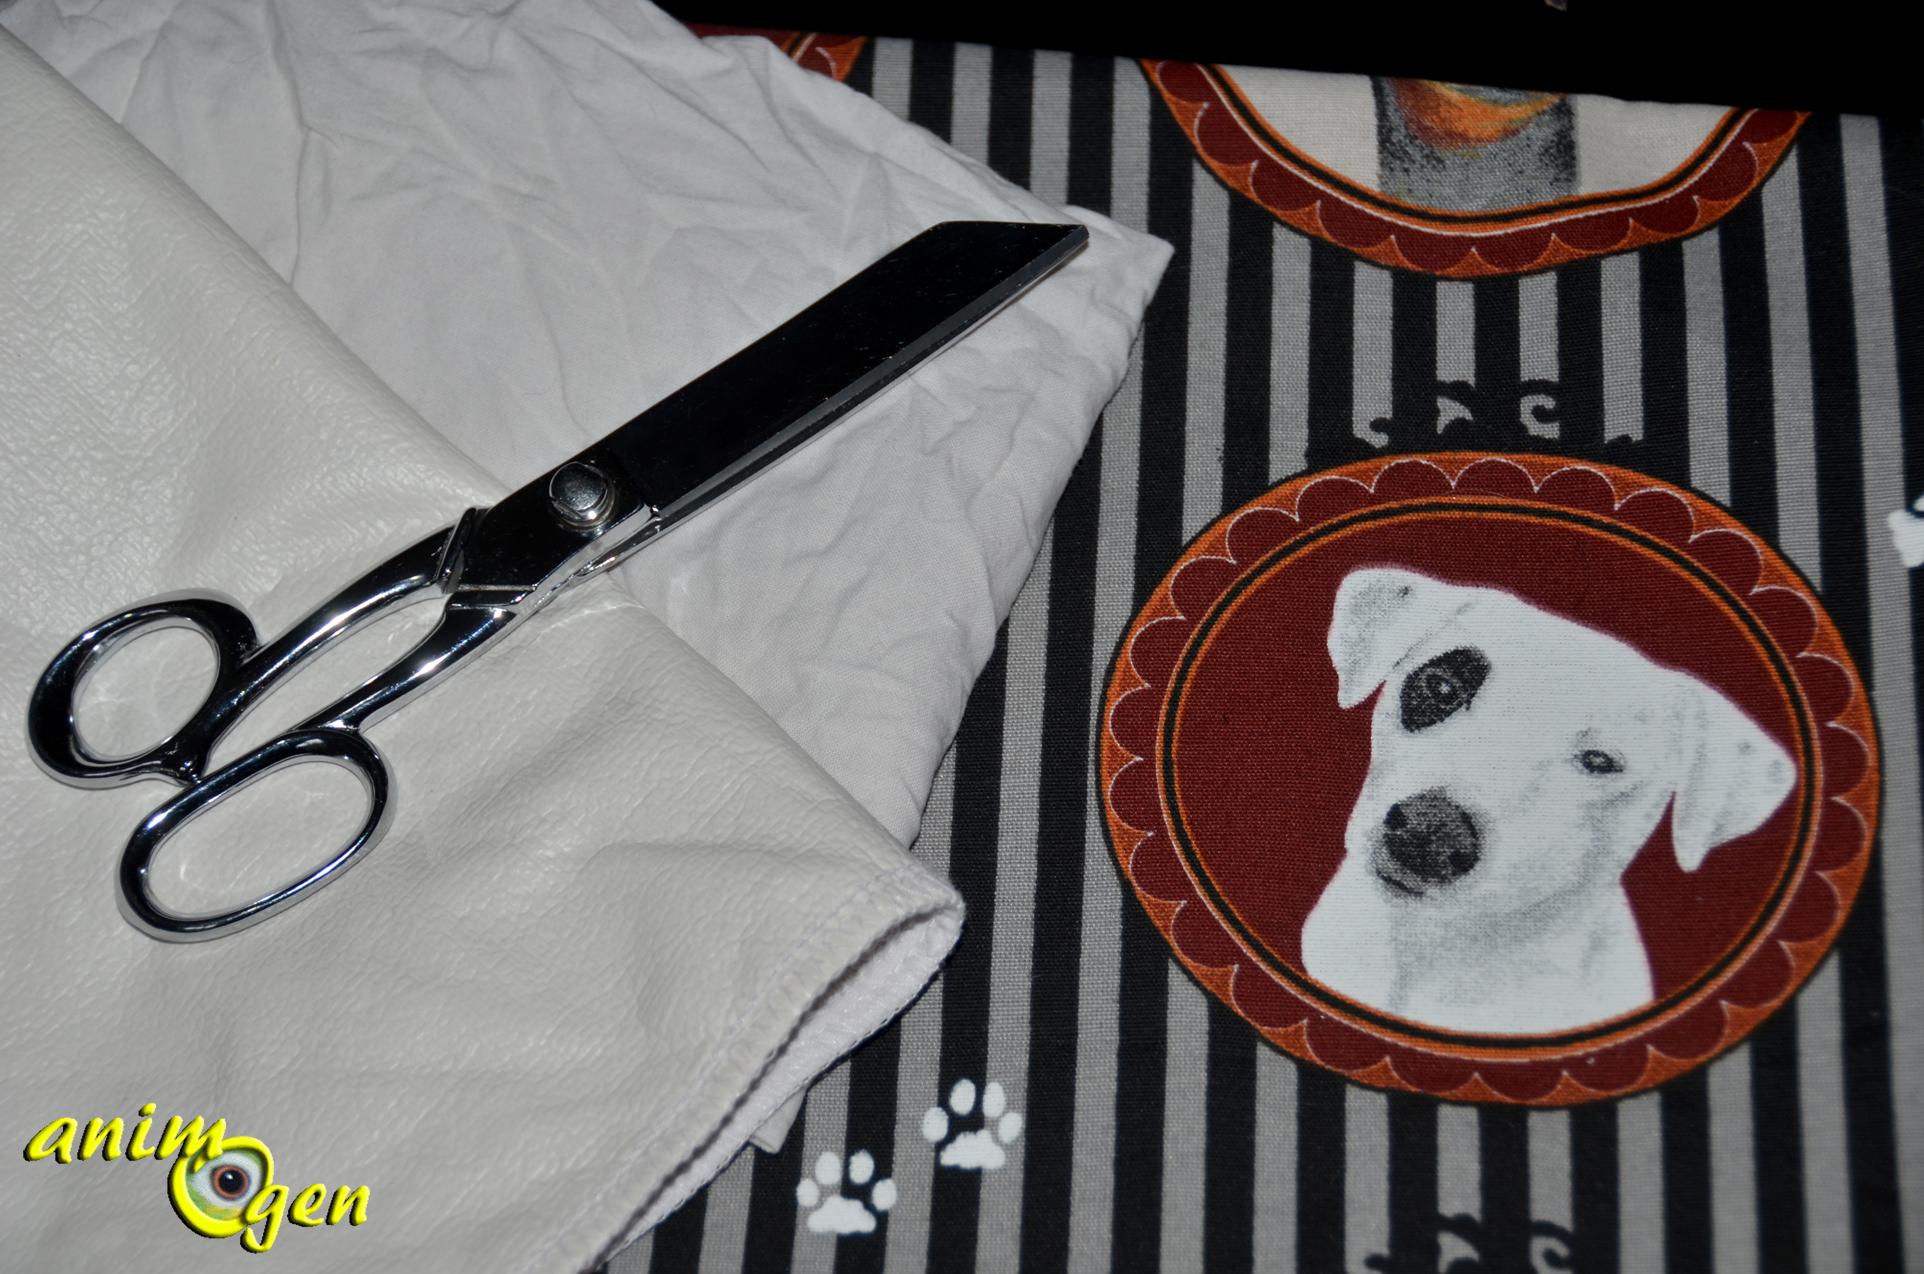 accessoire un coussin pour chiens et chats imperm able et conomique fabriquer soi m me. Black Bedroom Furniture Sets. Home Design Ideas